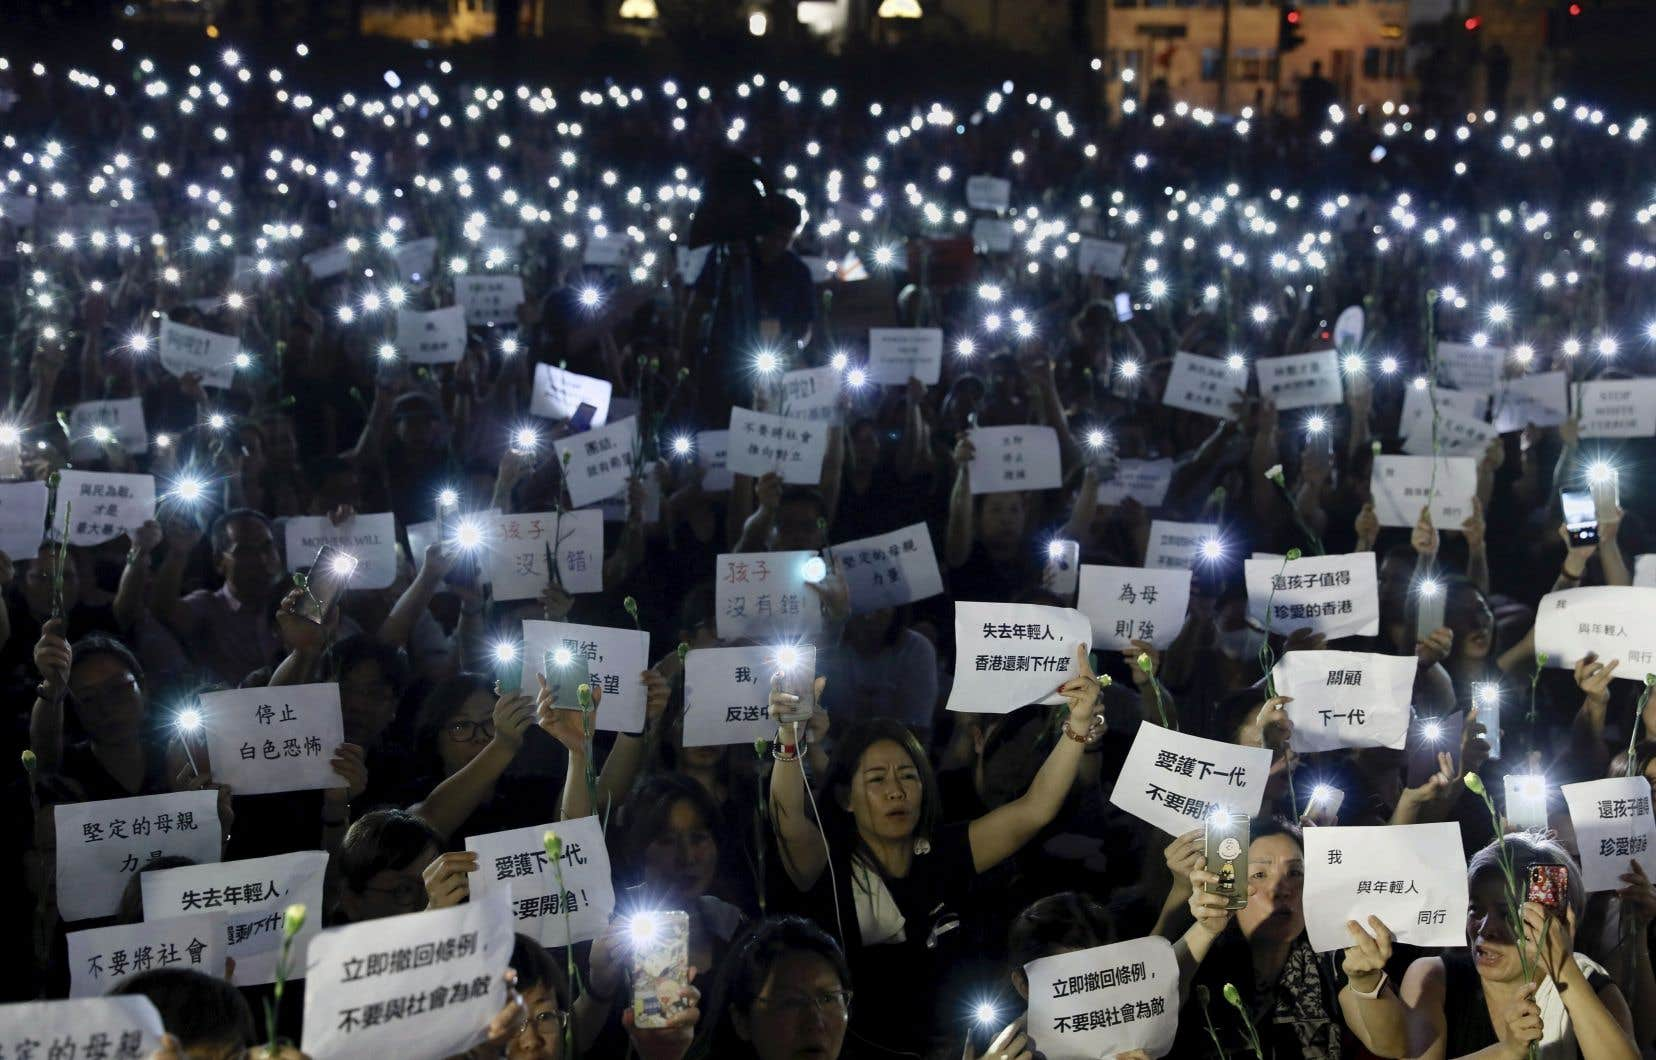 Un million de personnes, selon les organisateurs, avaient manifesté dimanche dernier dans ce territoire de 7millions d'habitants.